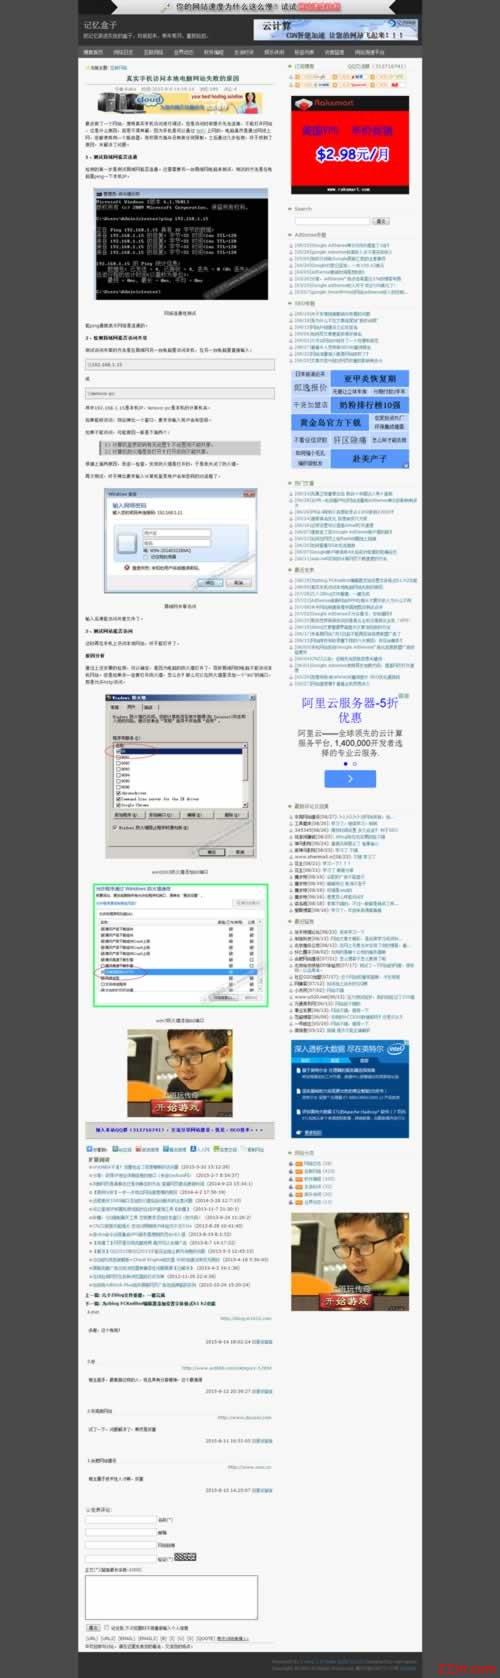 自适应网站设计方法